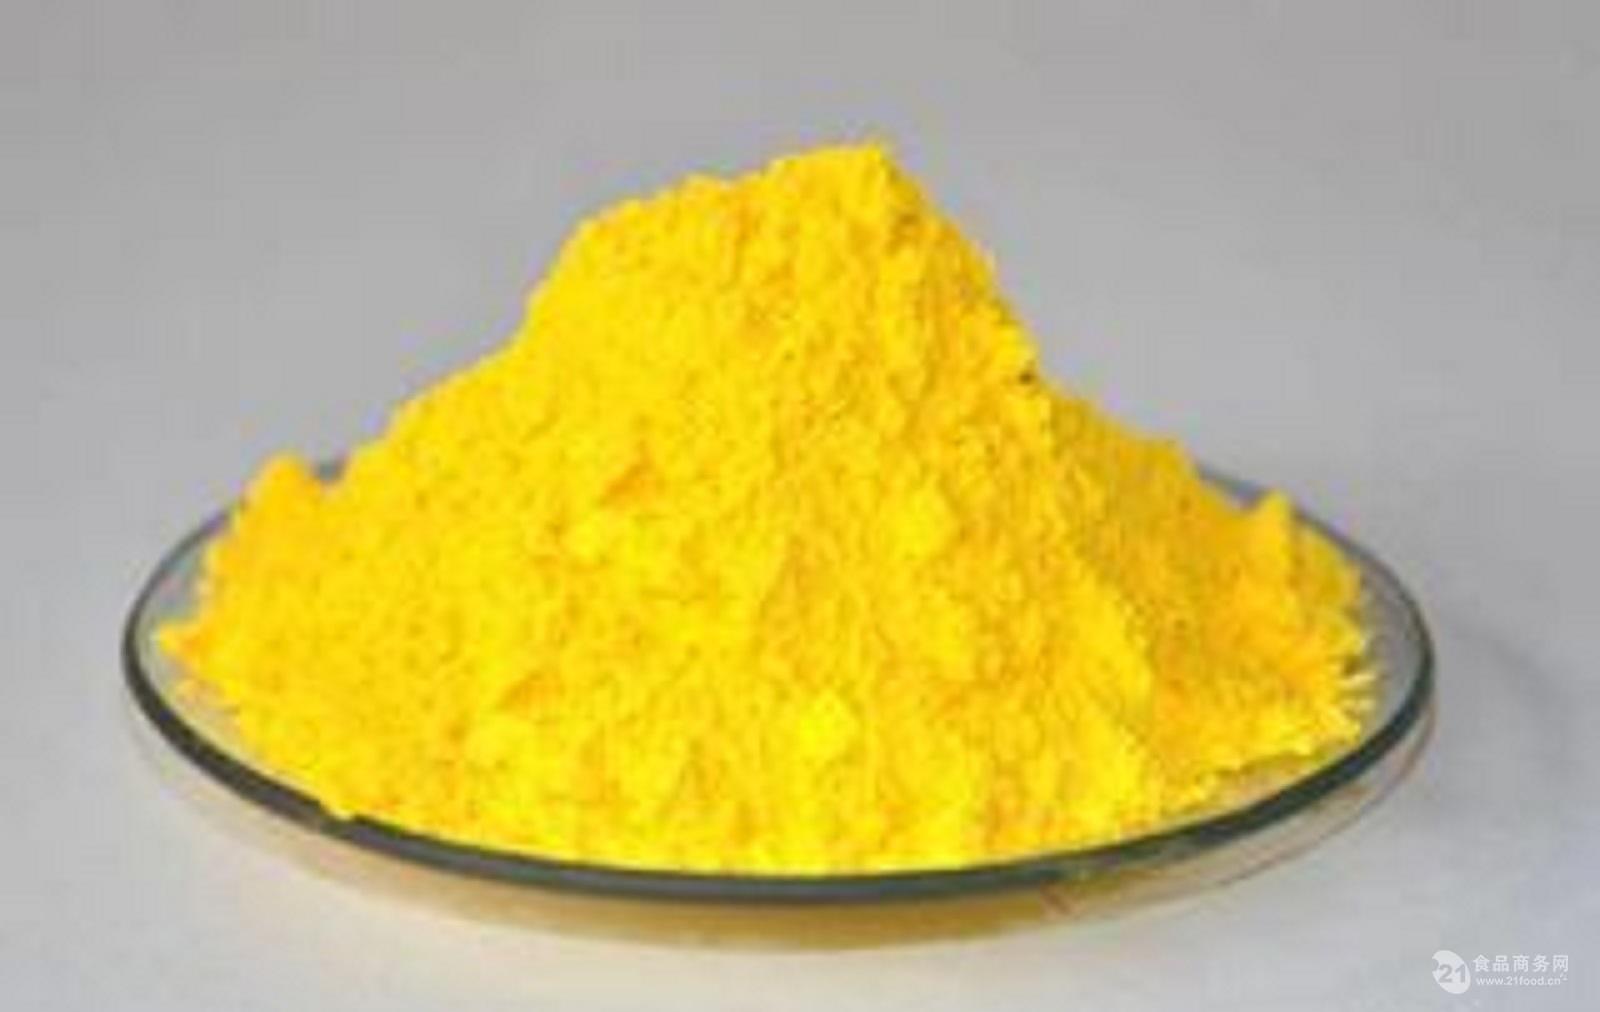 柠檬黄色素厂家直销